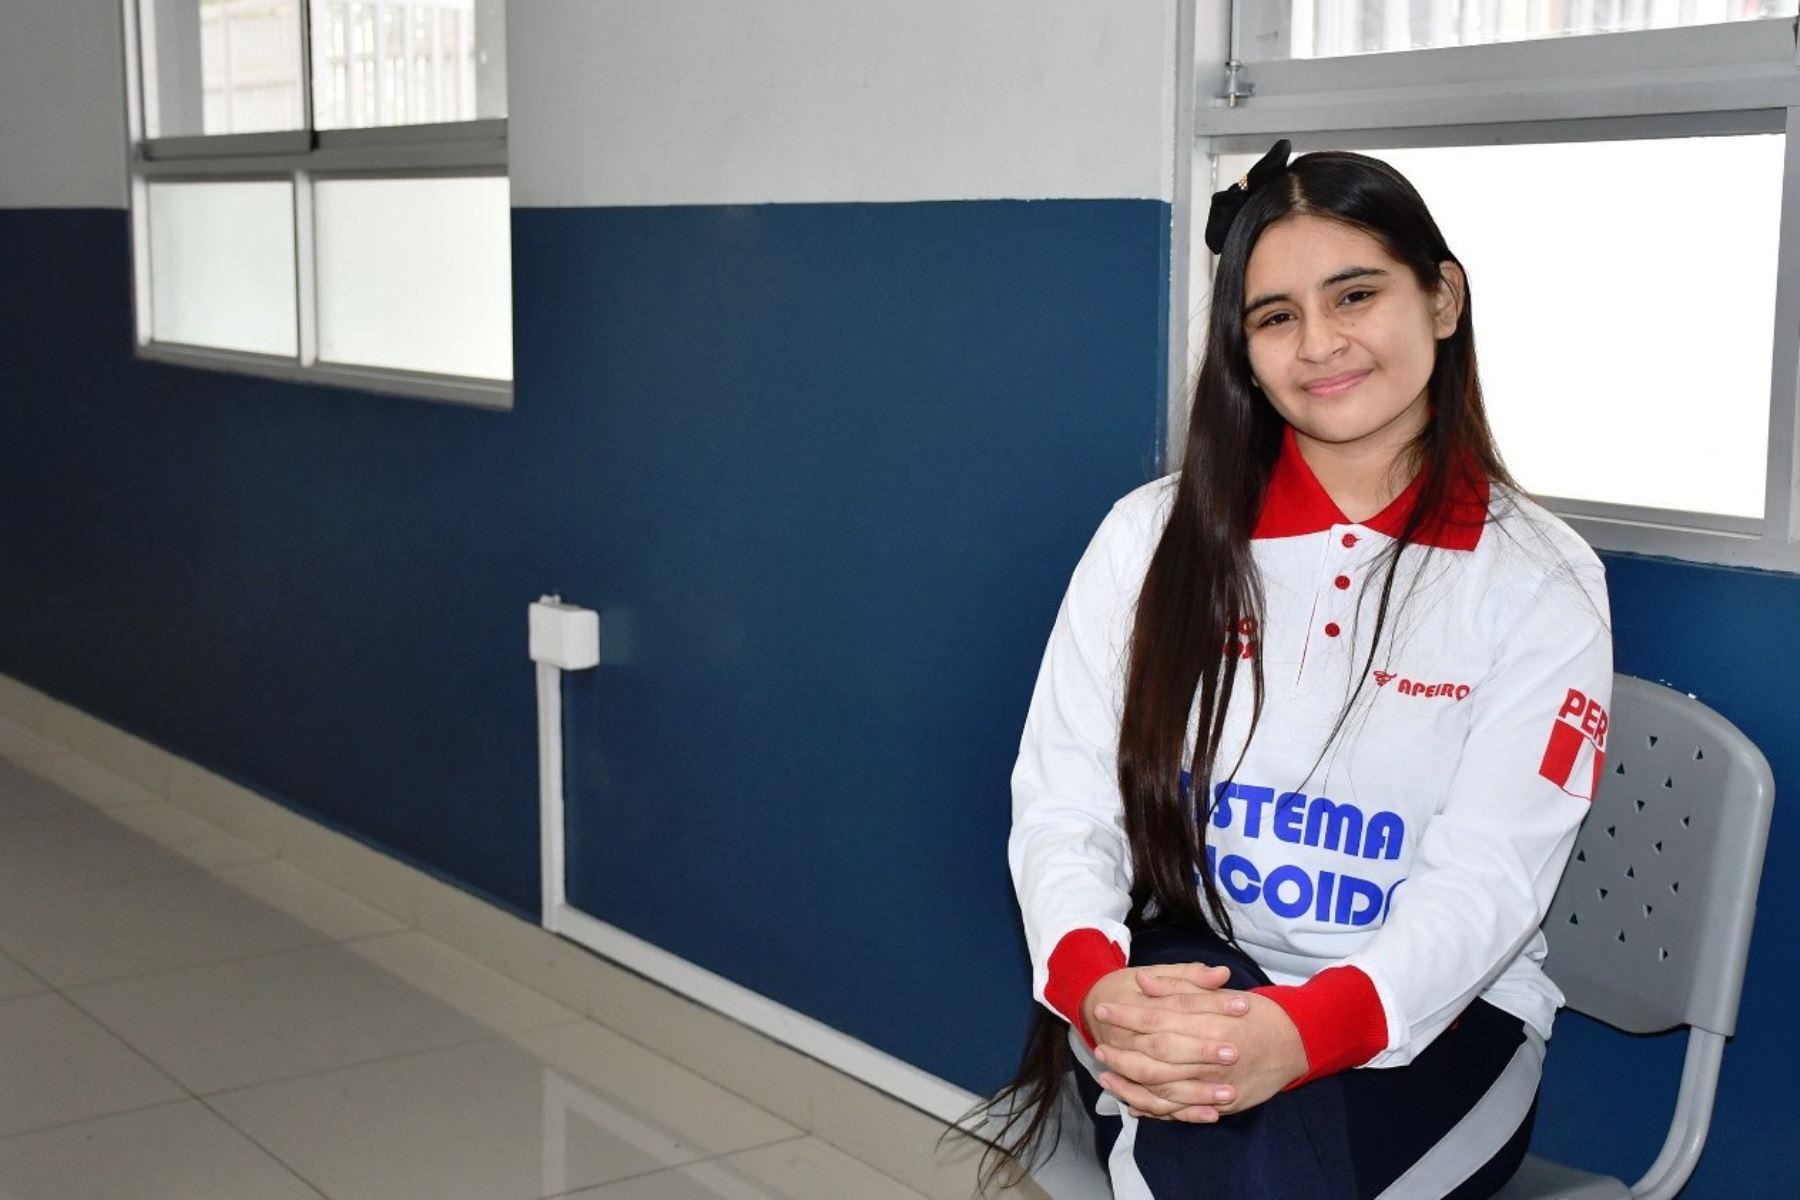 Estudiante peruana es reconocida como la mejor matemática de América